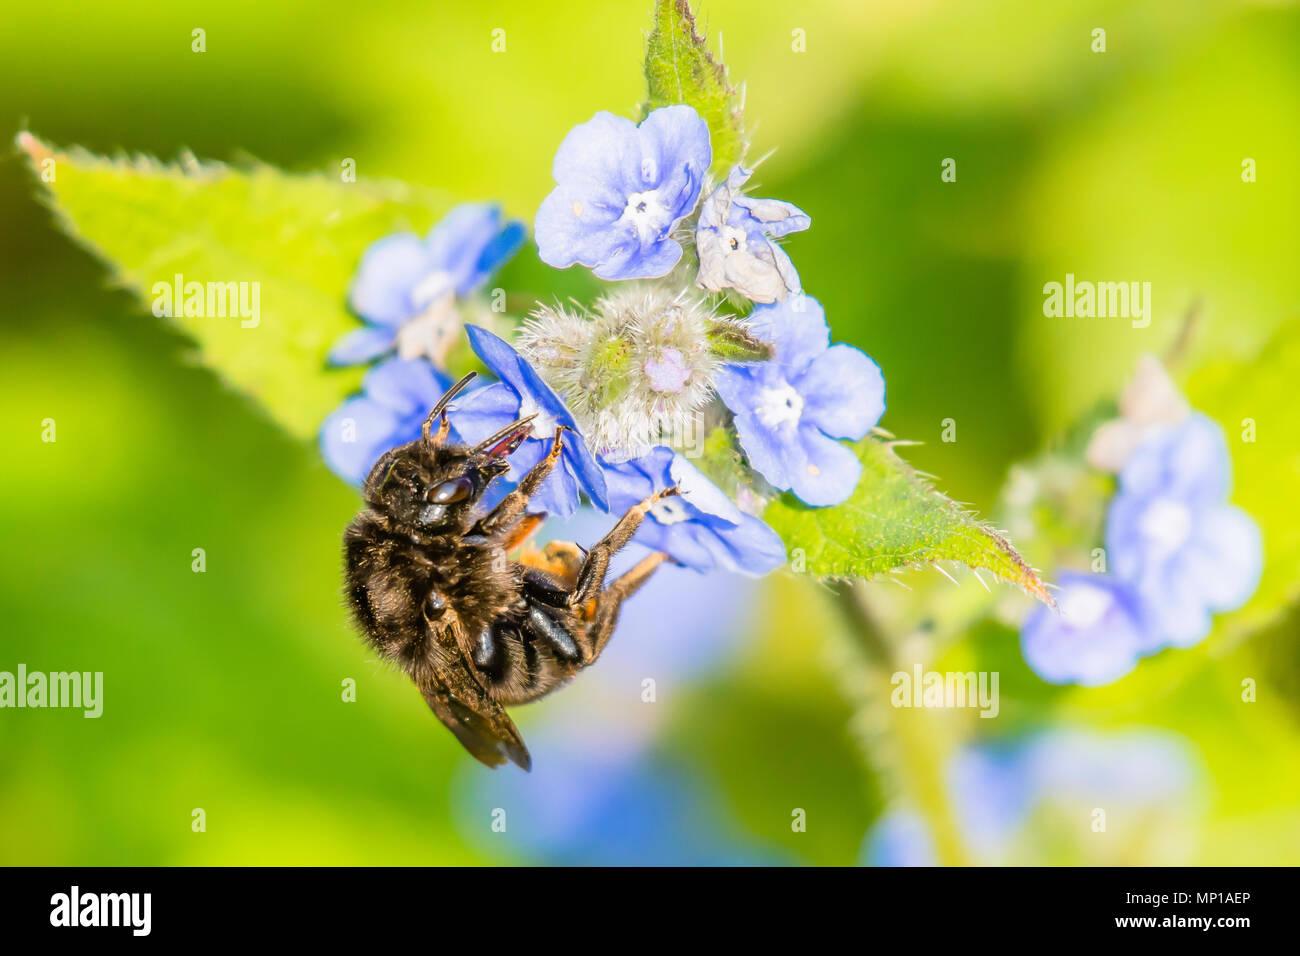 D'abeille Miel de nectar de fleurs ne m'oublie pas sur la prairie au printemps.la faune étonnante uk.monde naturel Nature conservation.uk. Photo Stock